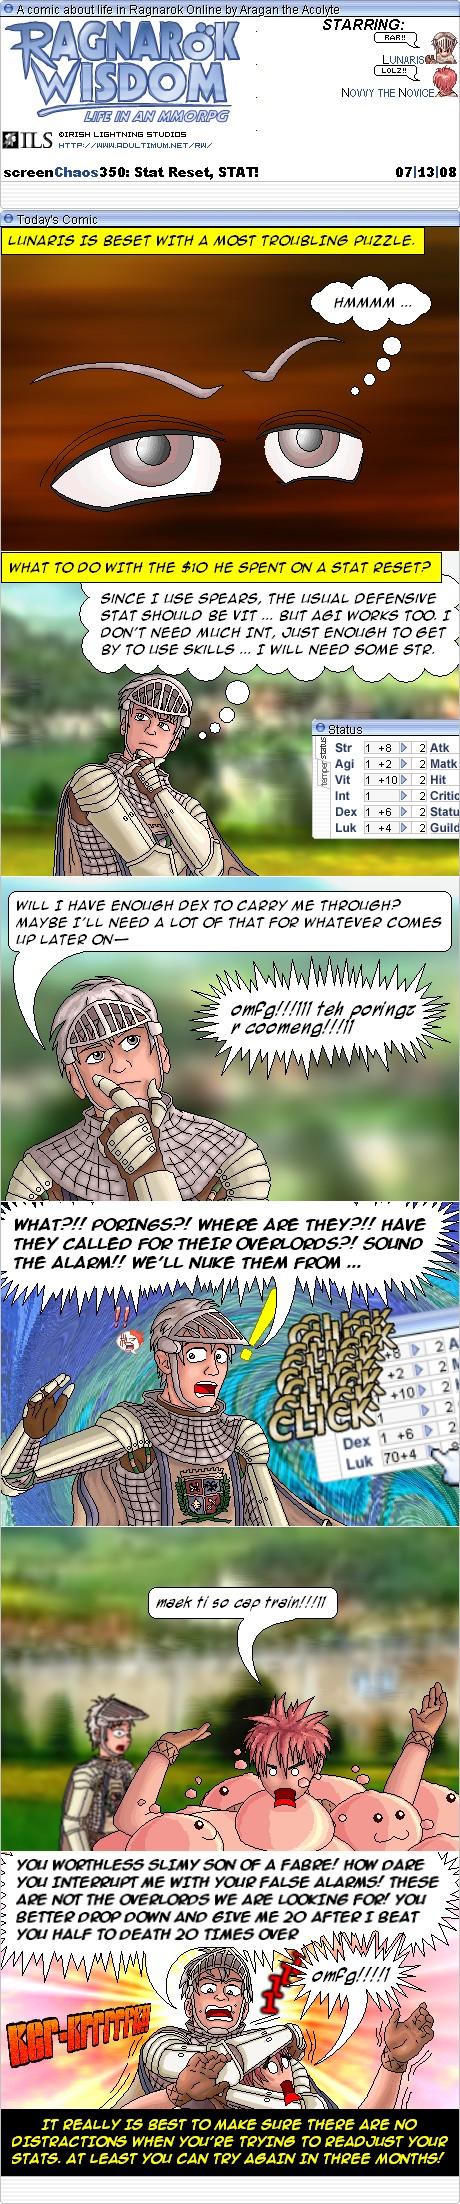 Comic #372